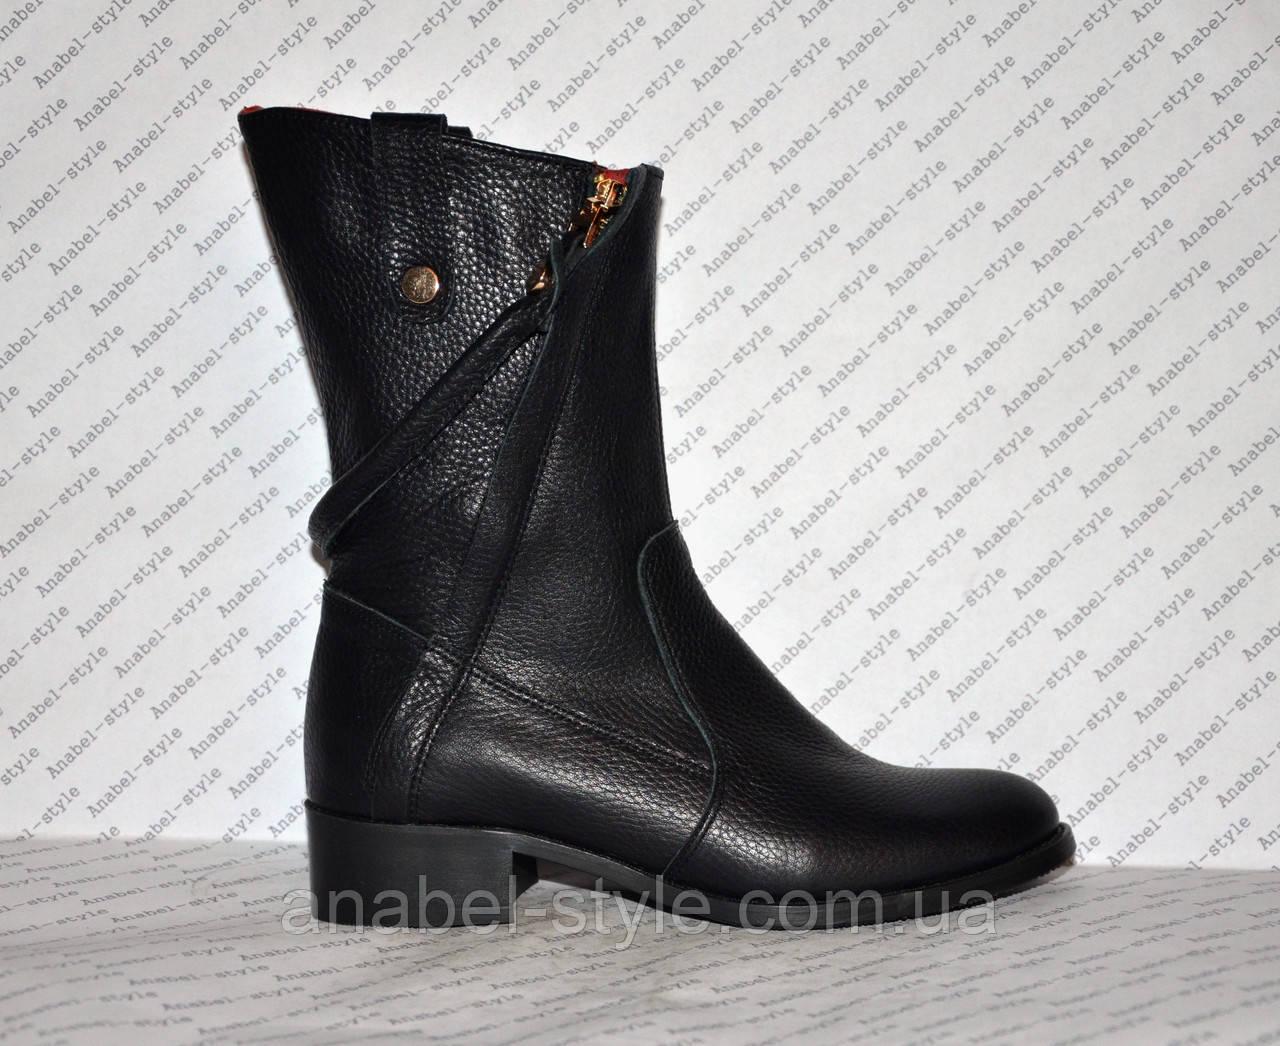 Чоботи зимові з натуральної шкіри чорного кольору Код 989